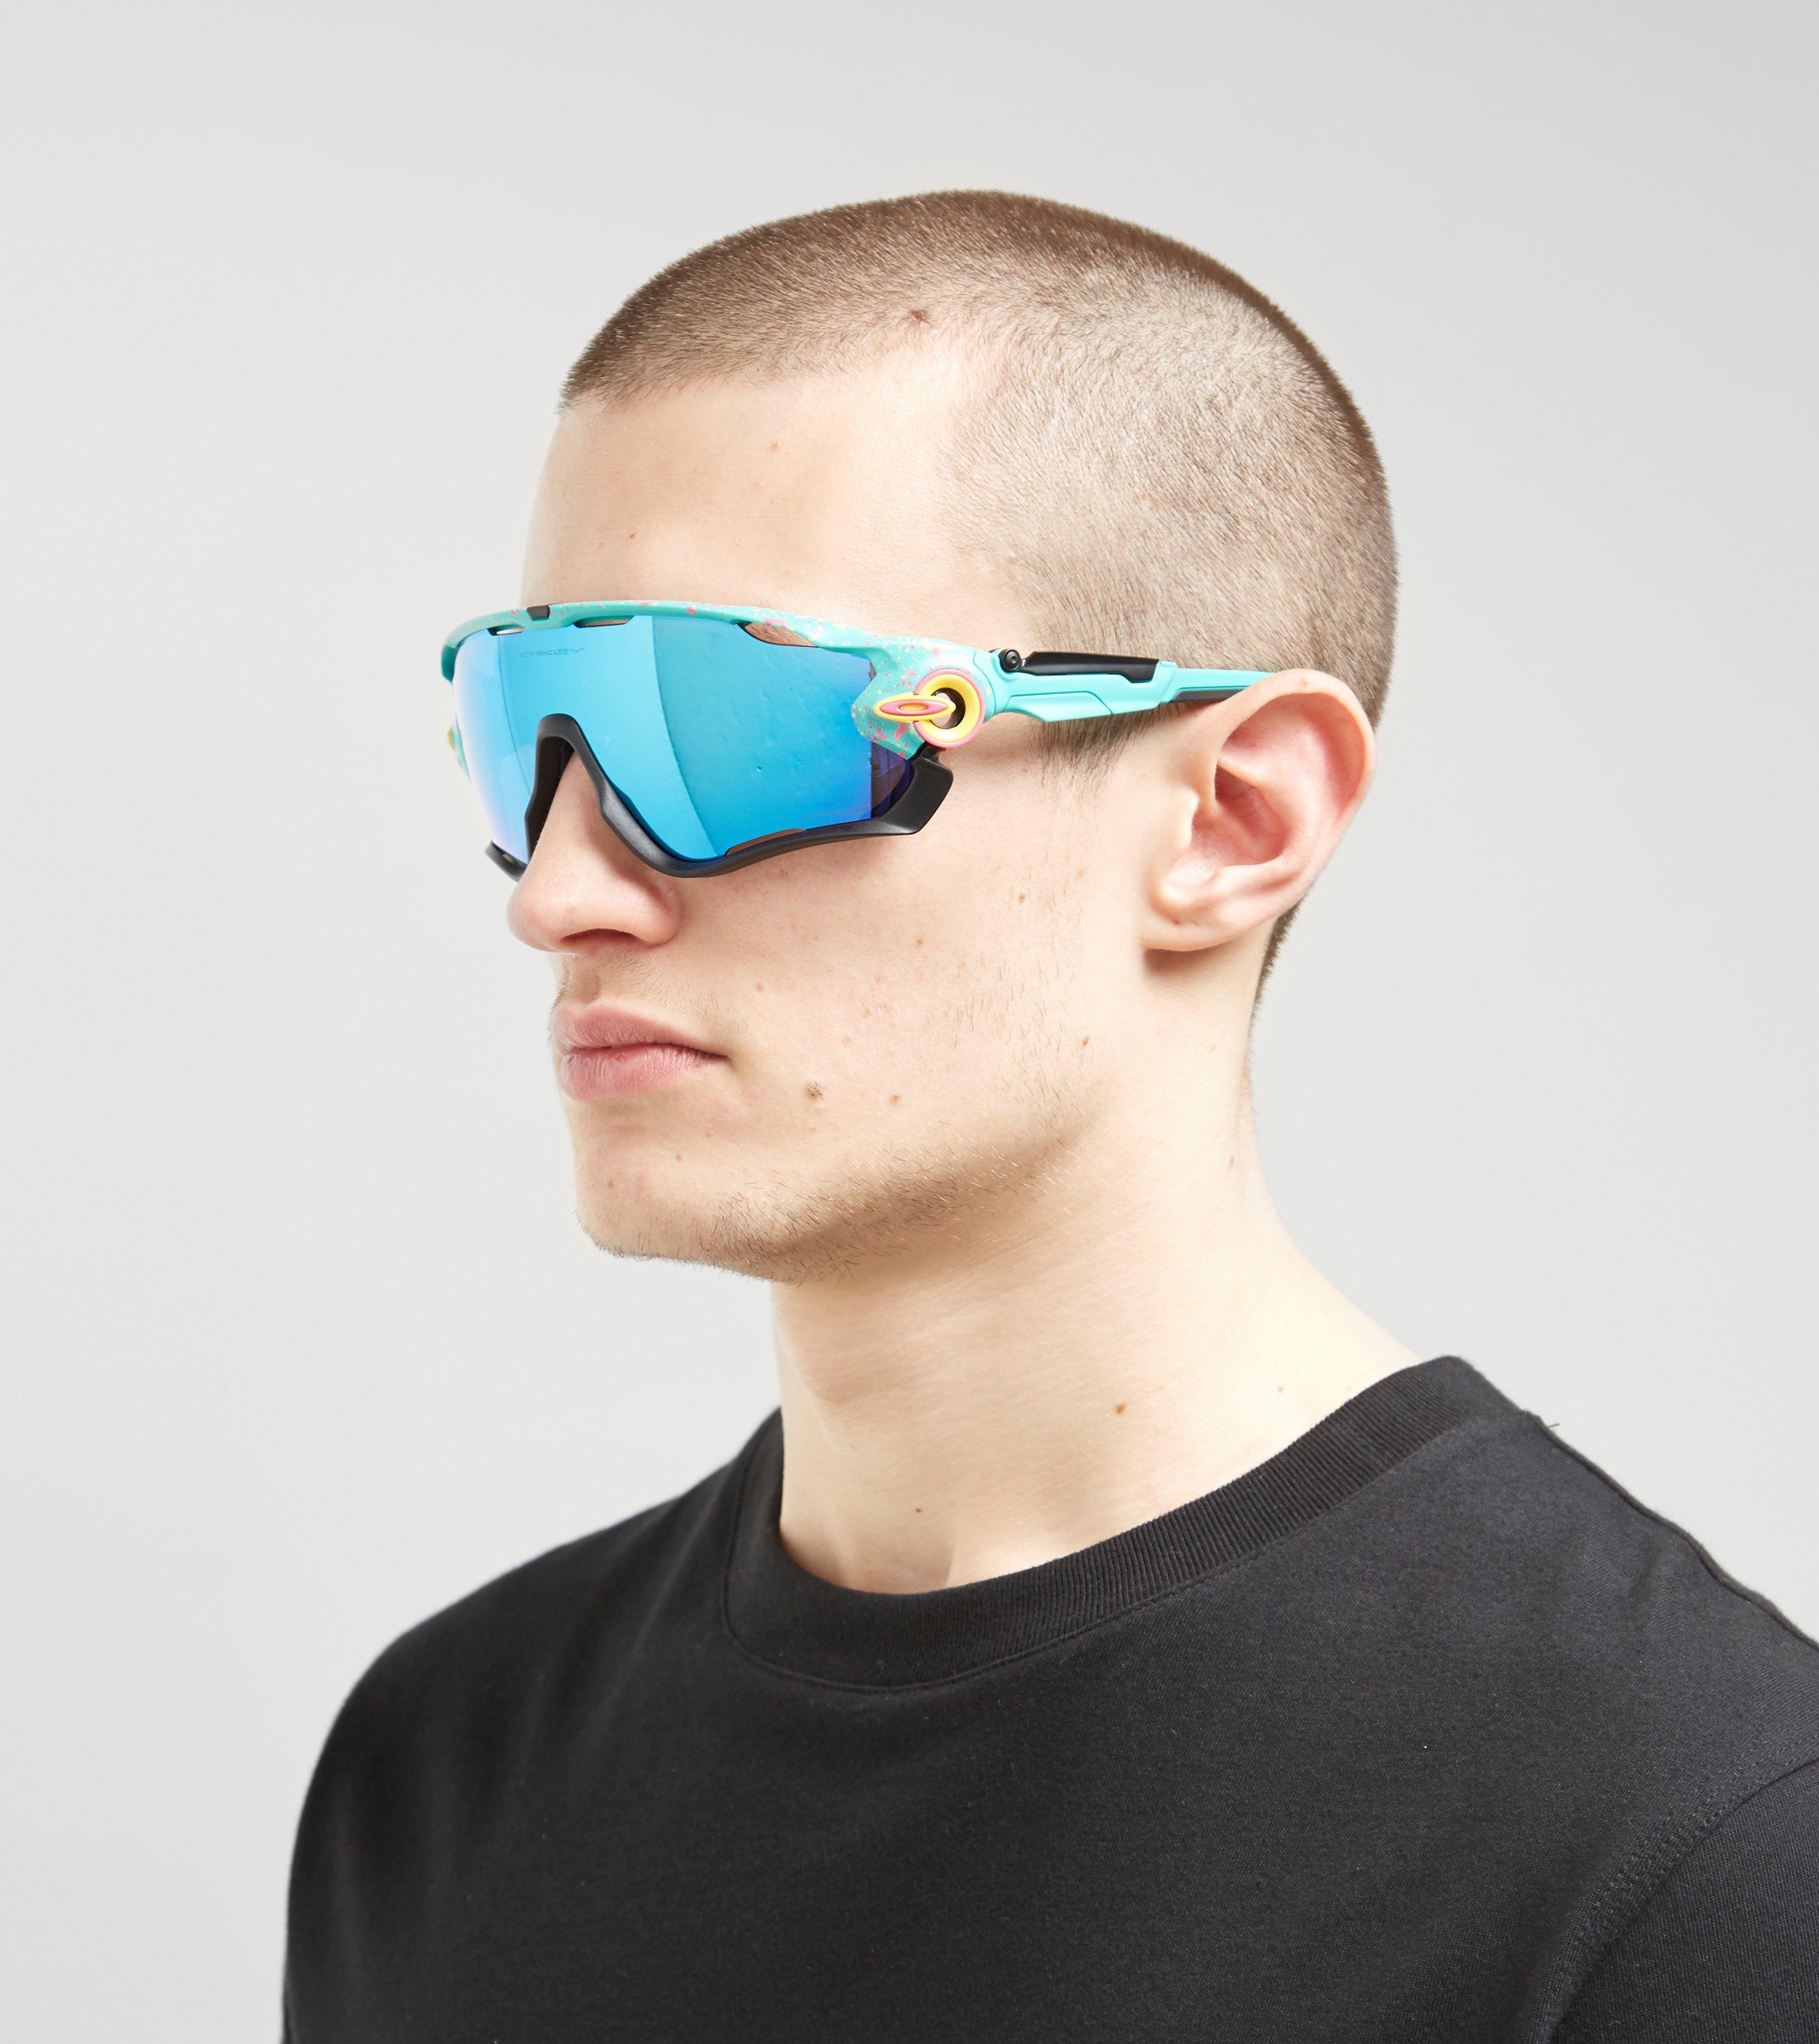 e1c871cf5f6a8 Oakley Jawbreaker Splatterfade Collection in Blue for Men - Lyst